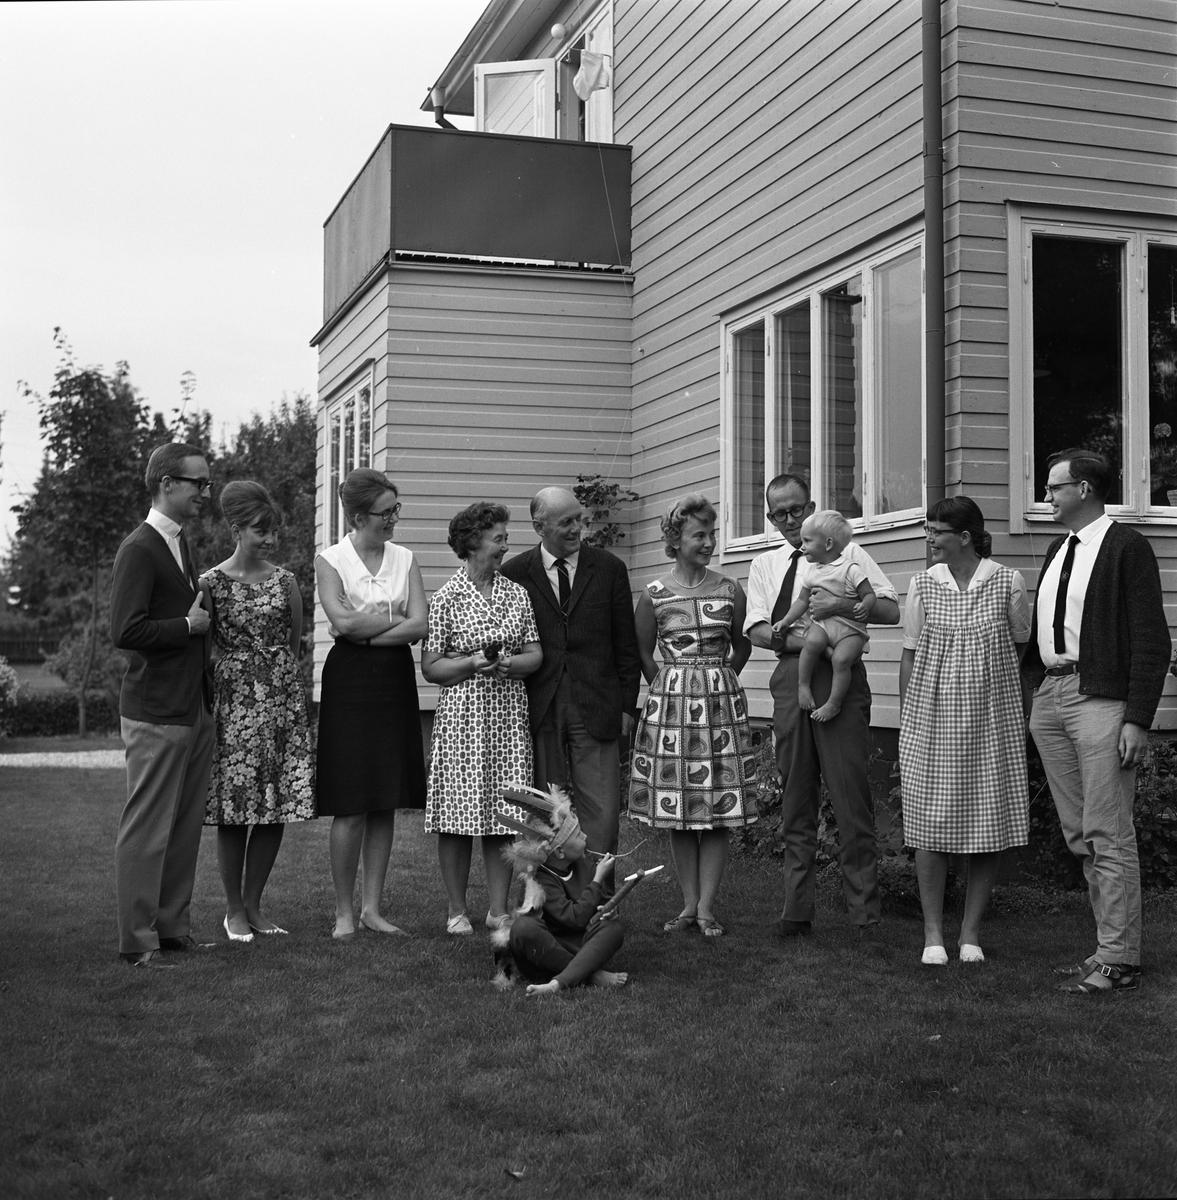 Bror och Karin Gustafsson med familj, samlade på gården vid Redskapsgatan. Längst till vänster står sonen Jan Brorsson.  Två små barn, varav den ene har indianskrud.